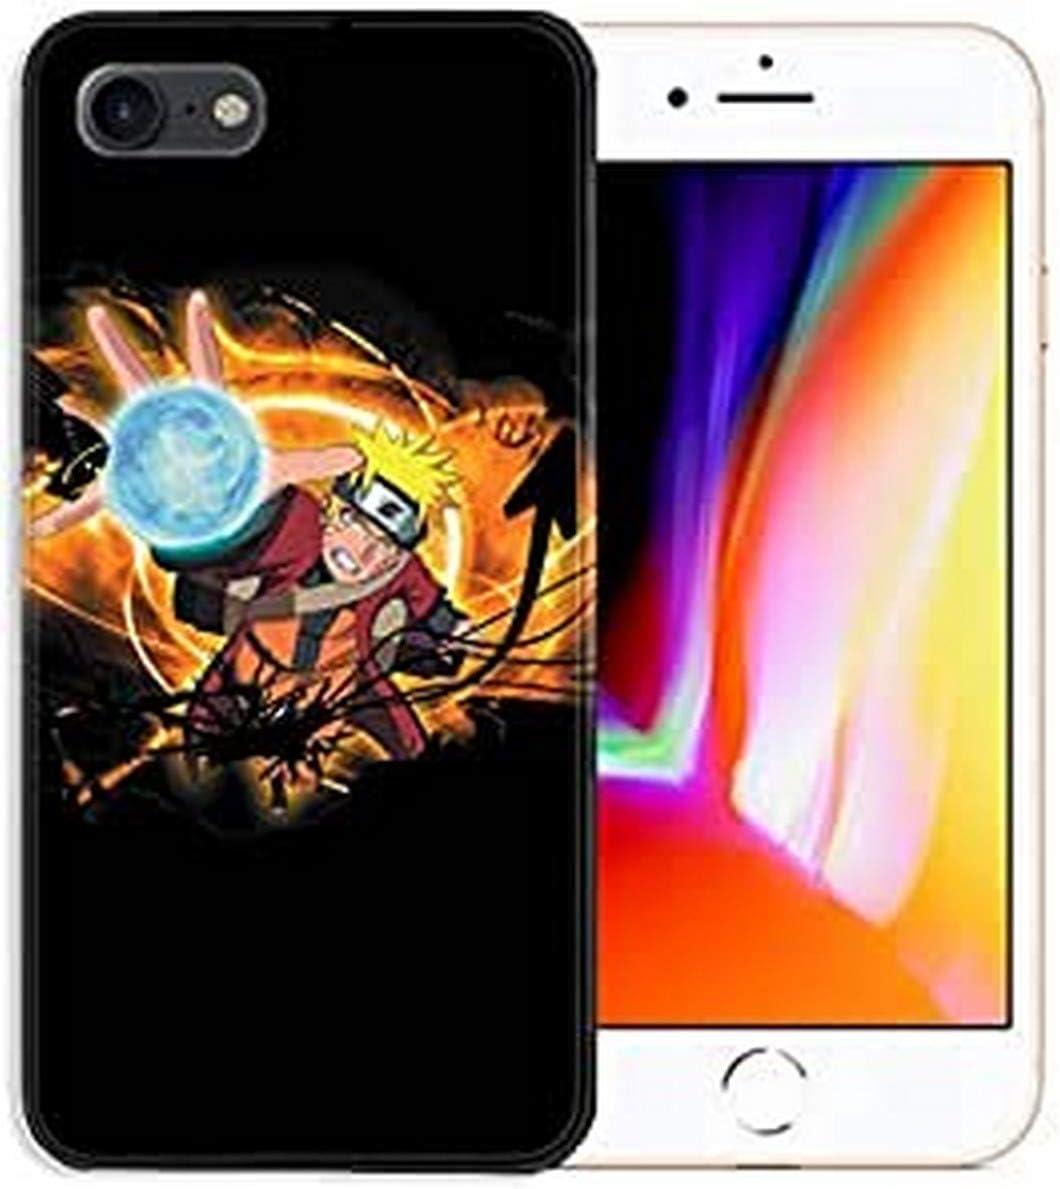 coque iphone 8 mars attack